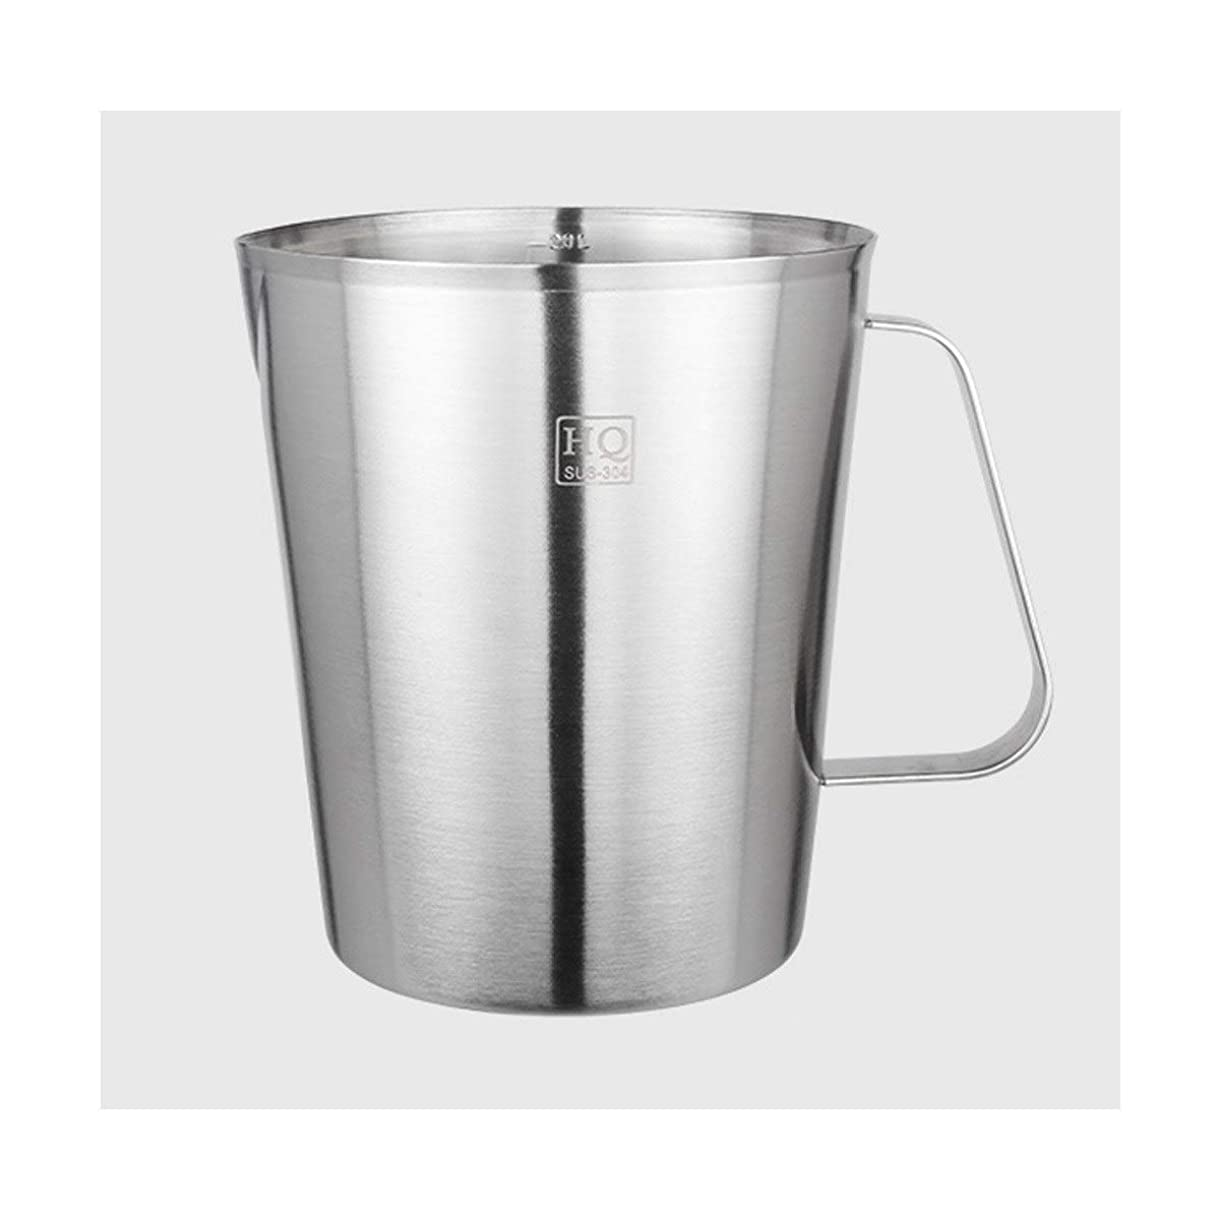 便利解凍する、雪解け、霜解け品LI FANG 304ステンレス計量カップ、スケールキッチン家庭用計量カップ付き (Size : 500 ml)